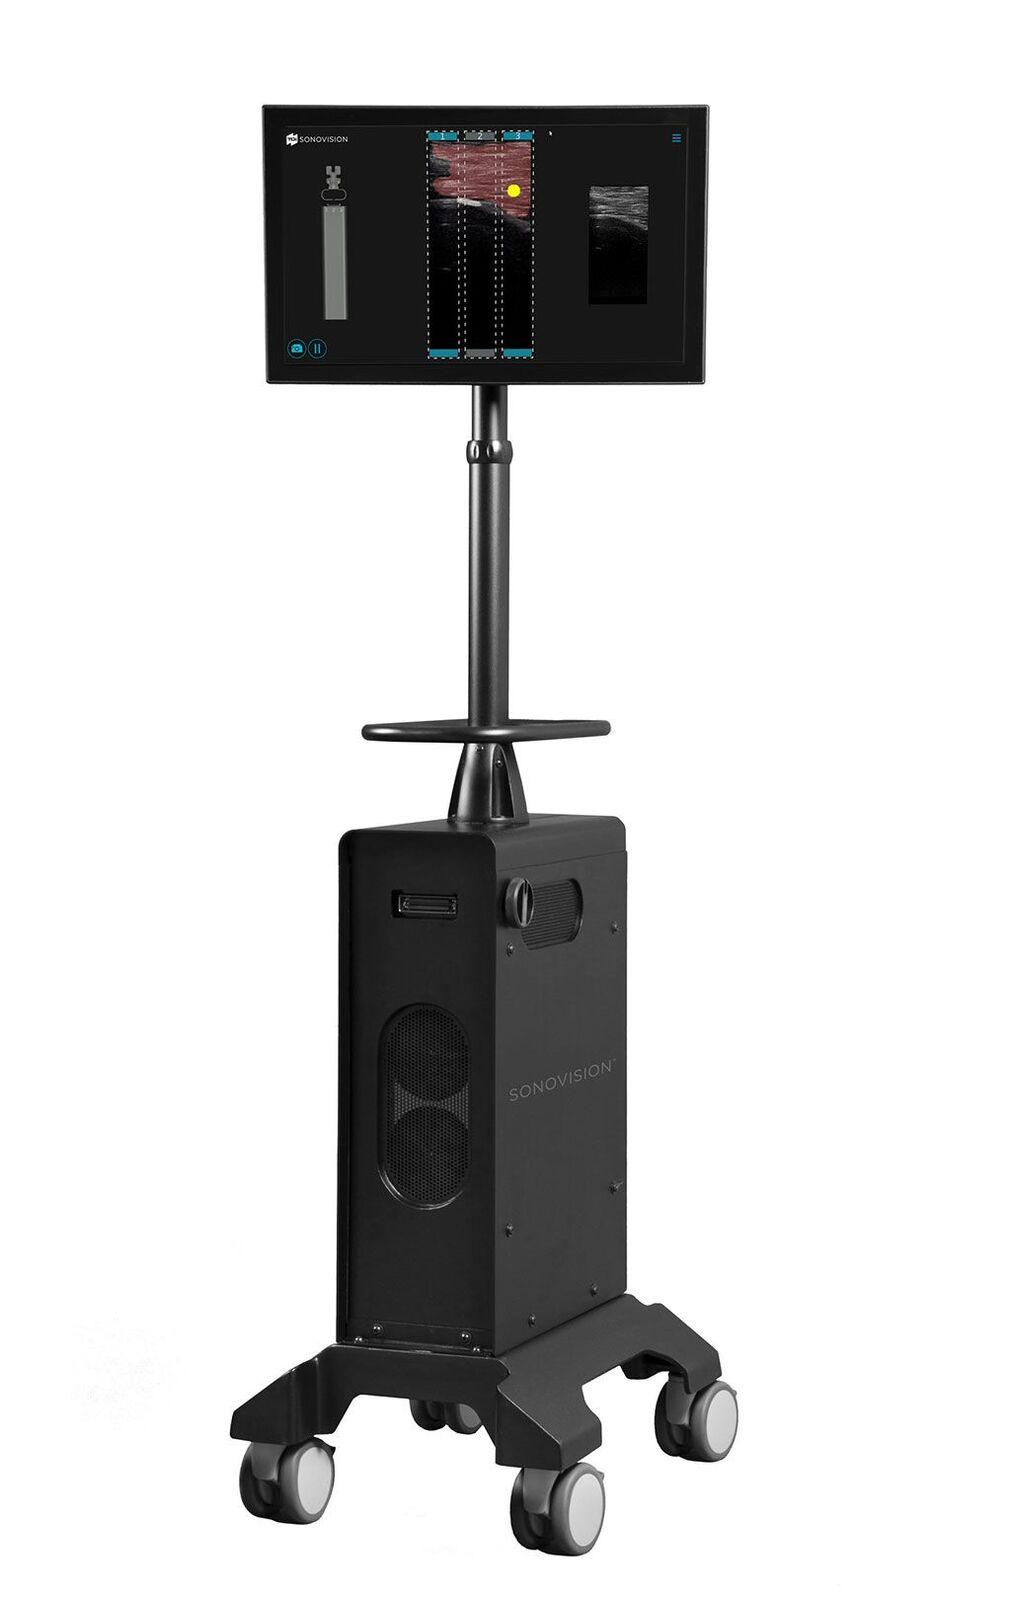 Imagen: El sistema de ultrasonido SonoVision (Fotografía cortesía de TDi).